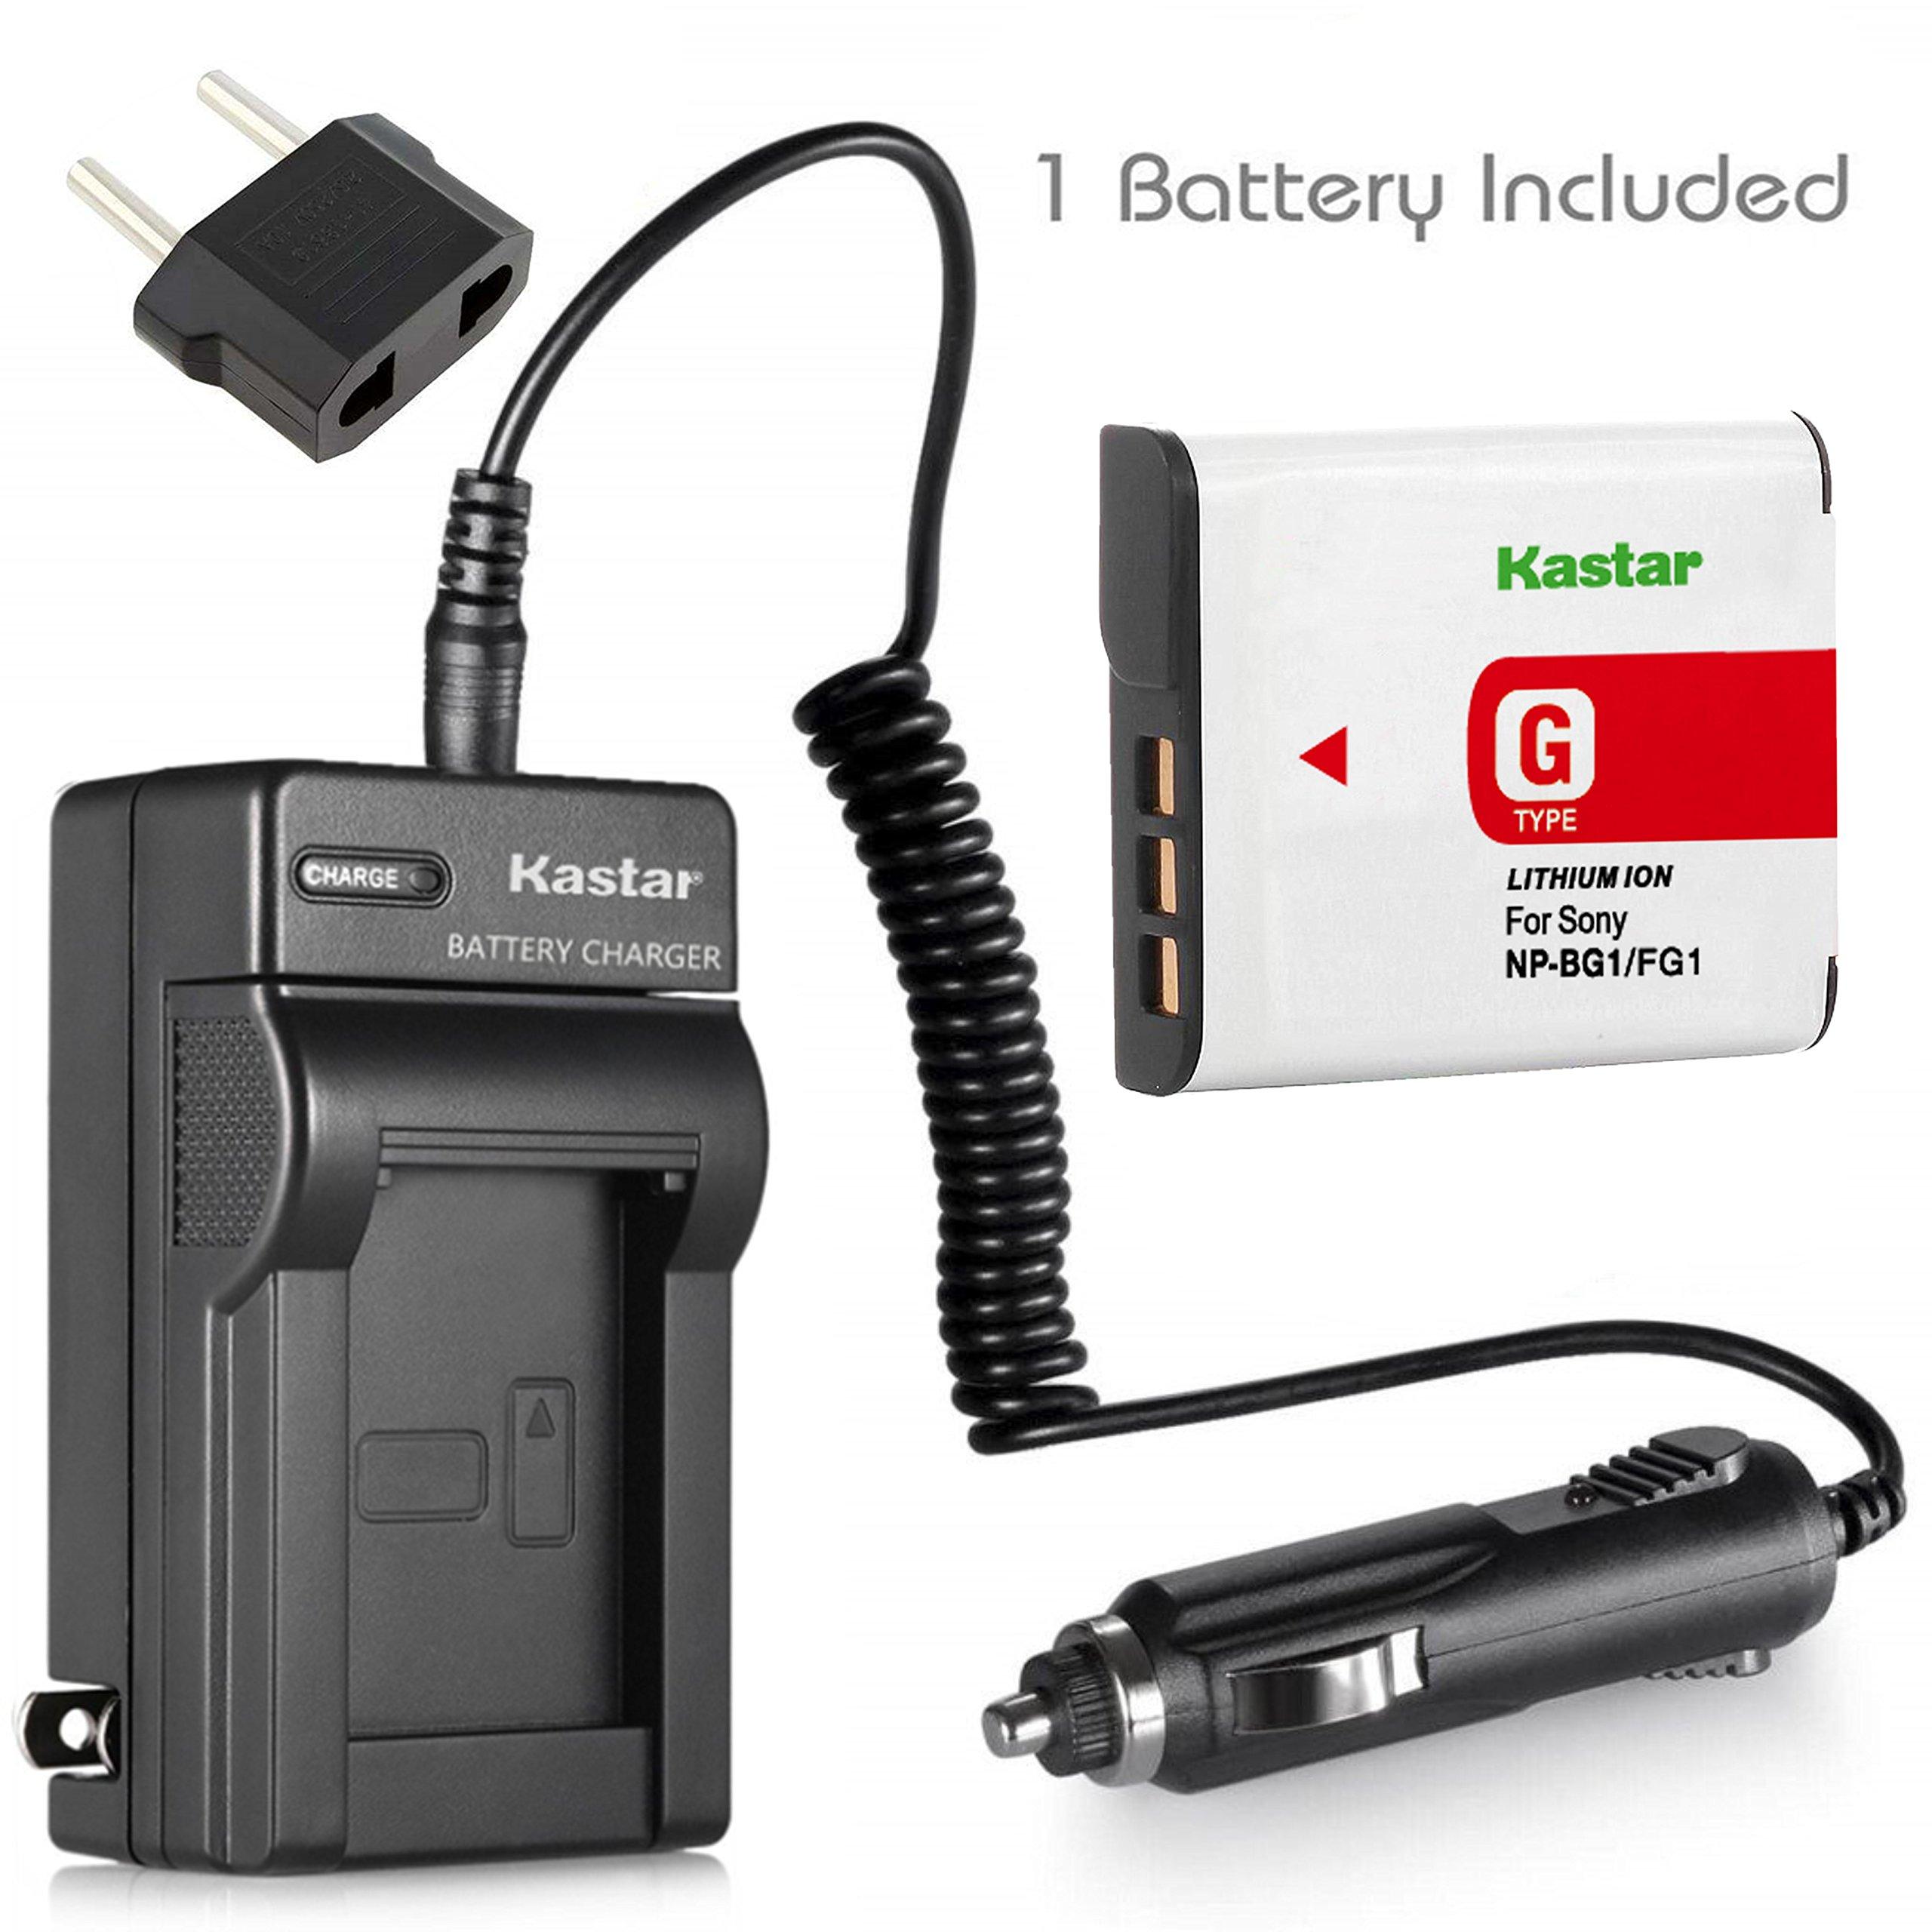 DSC-W120 DSC-W115 DSC-W100 VMC-MD1 USB Cable Lead for SONY Cyber-Shot DSC-W90 DSC-W110 DSC-W125 Digital Camera